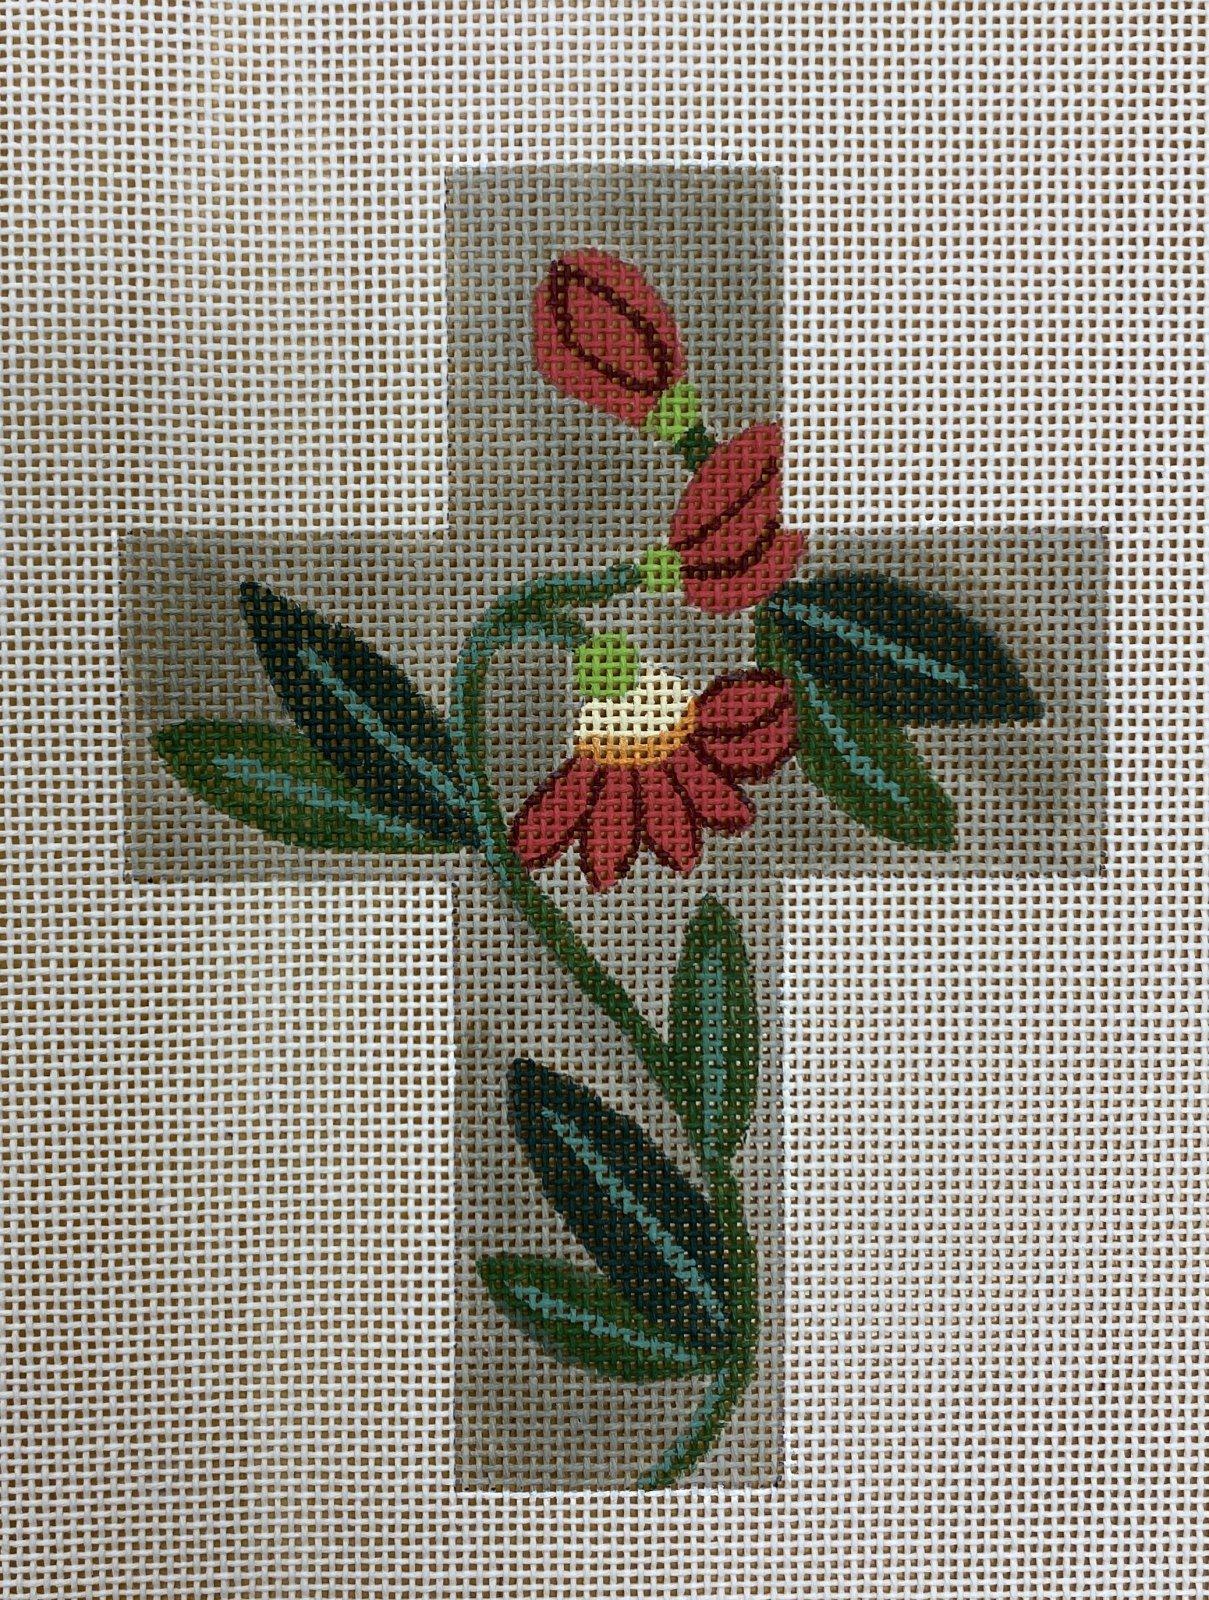 cross, red flower